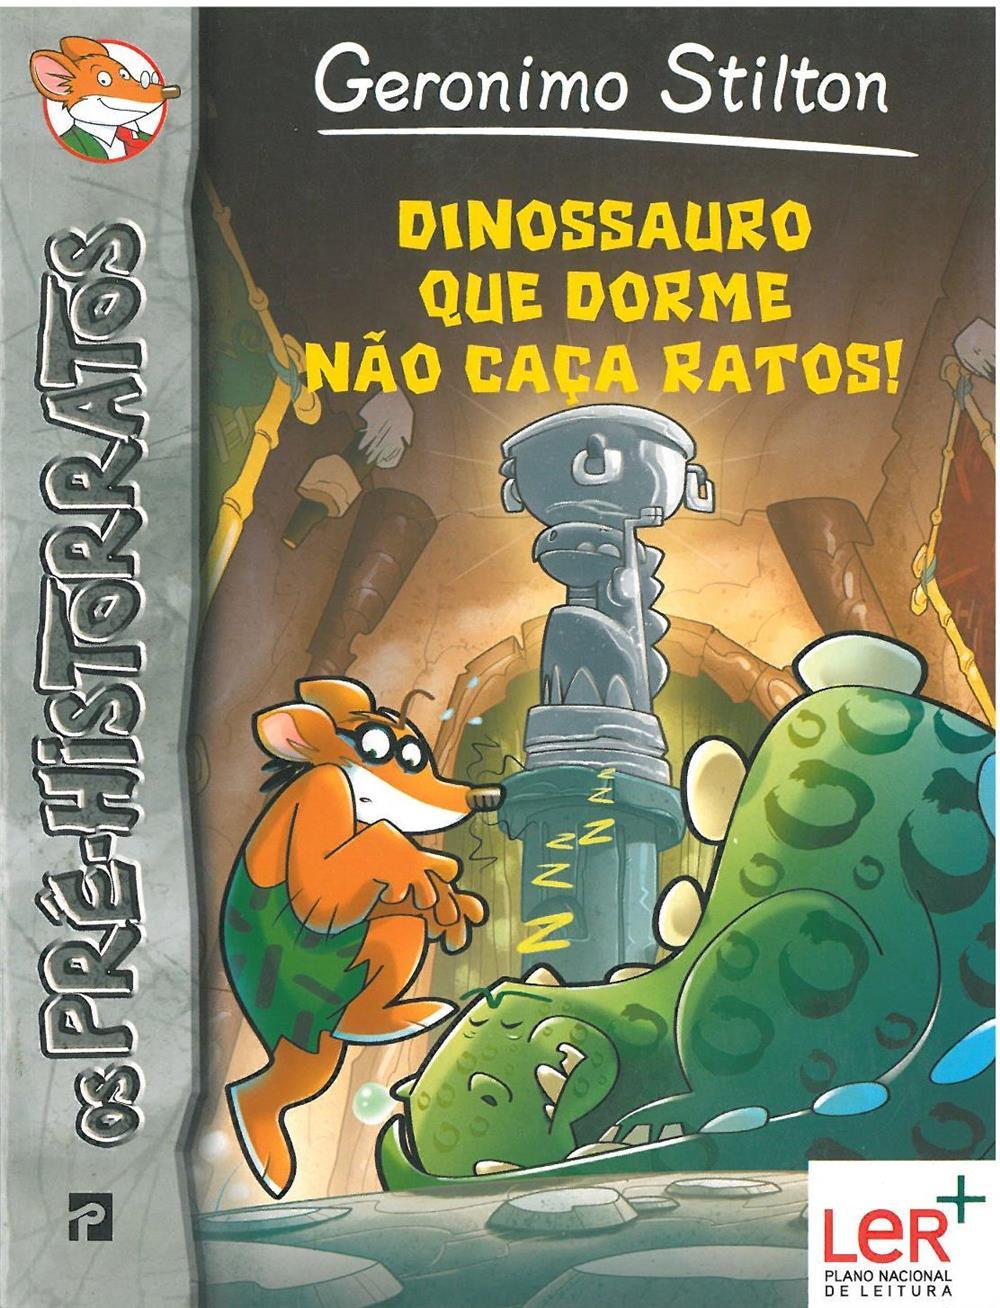 Dinossauro que dorme não caça ratos_.jpg